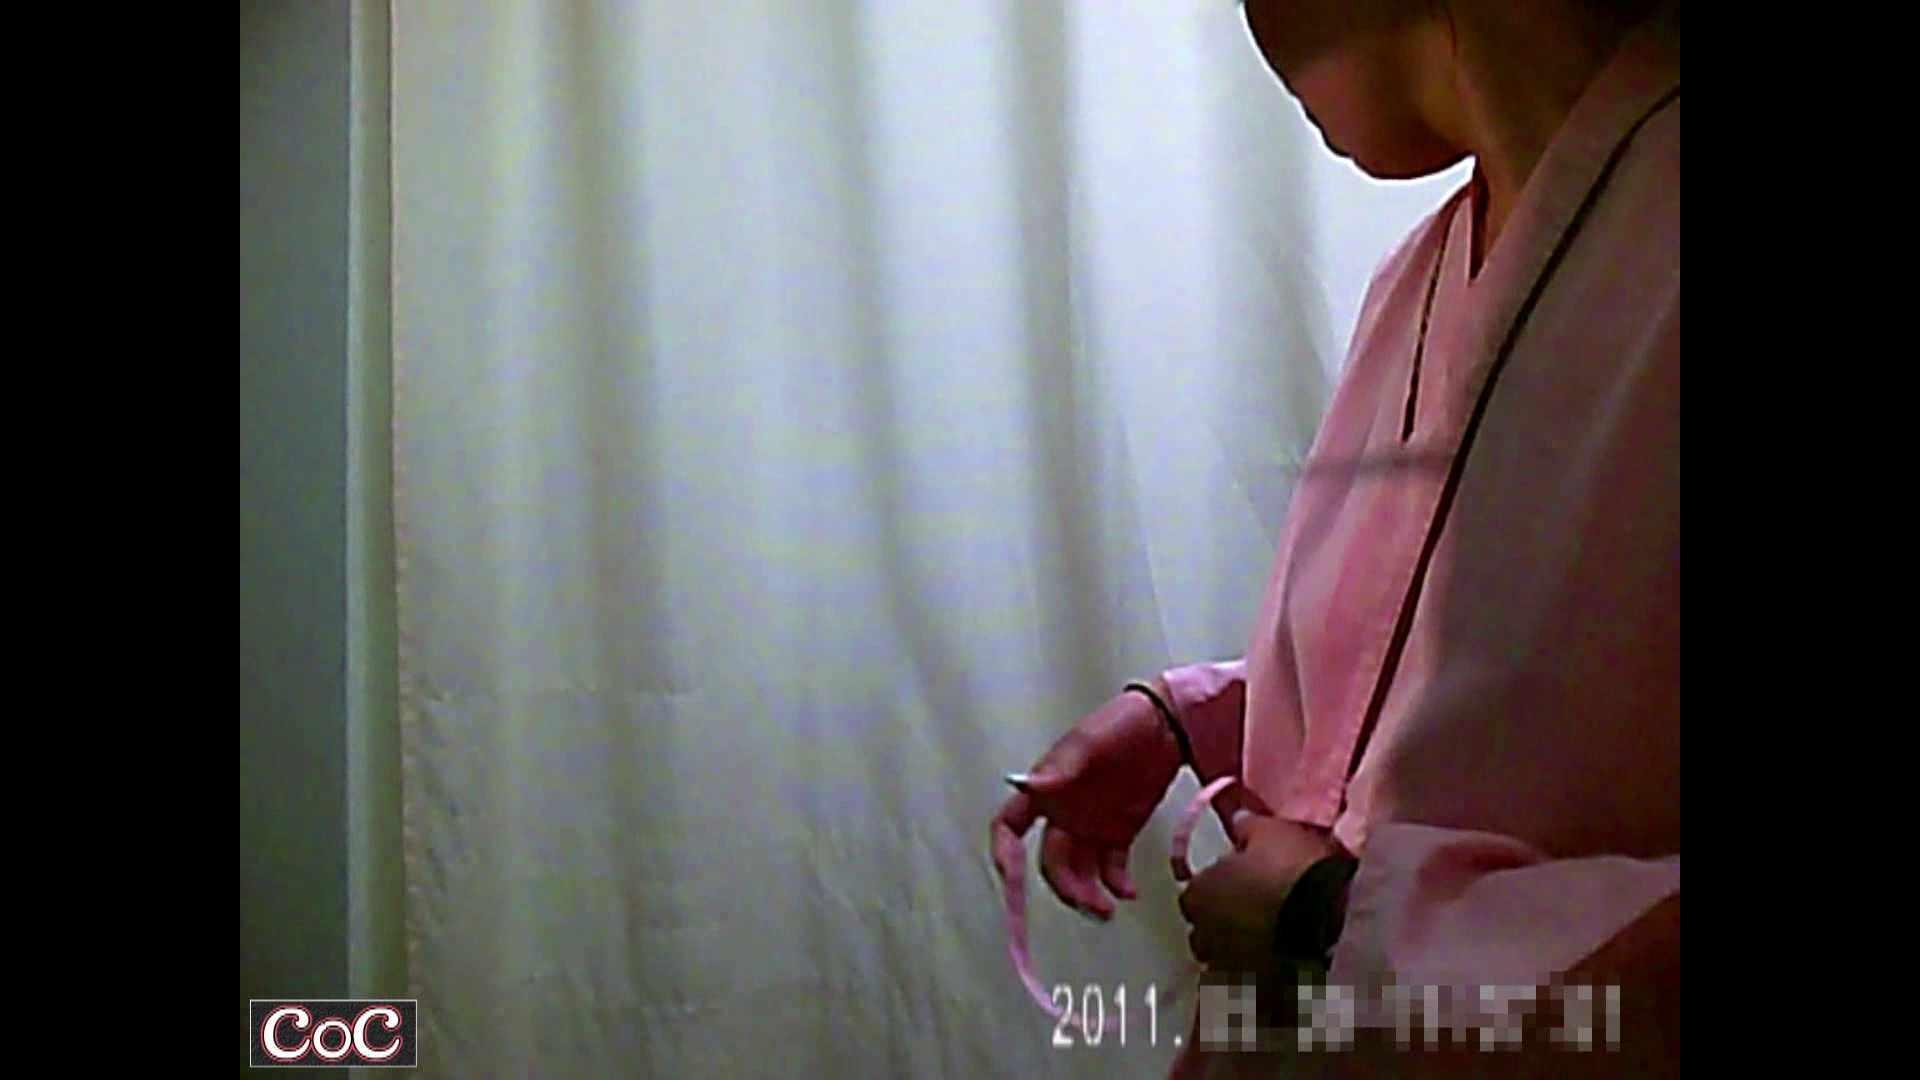 病院おもいっきり着替え! vol.01 エロティックなOL 濡れ場動画紹介 80画像 42